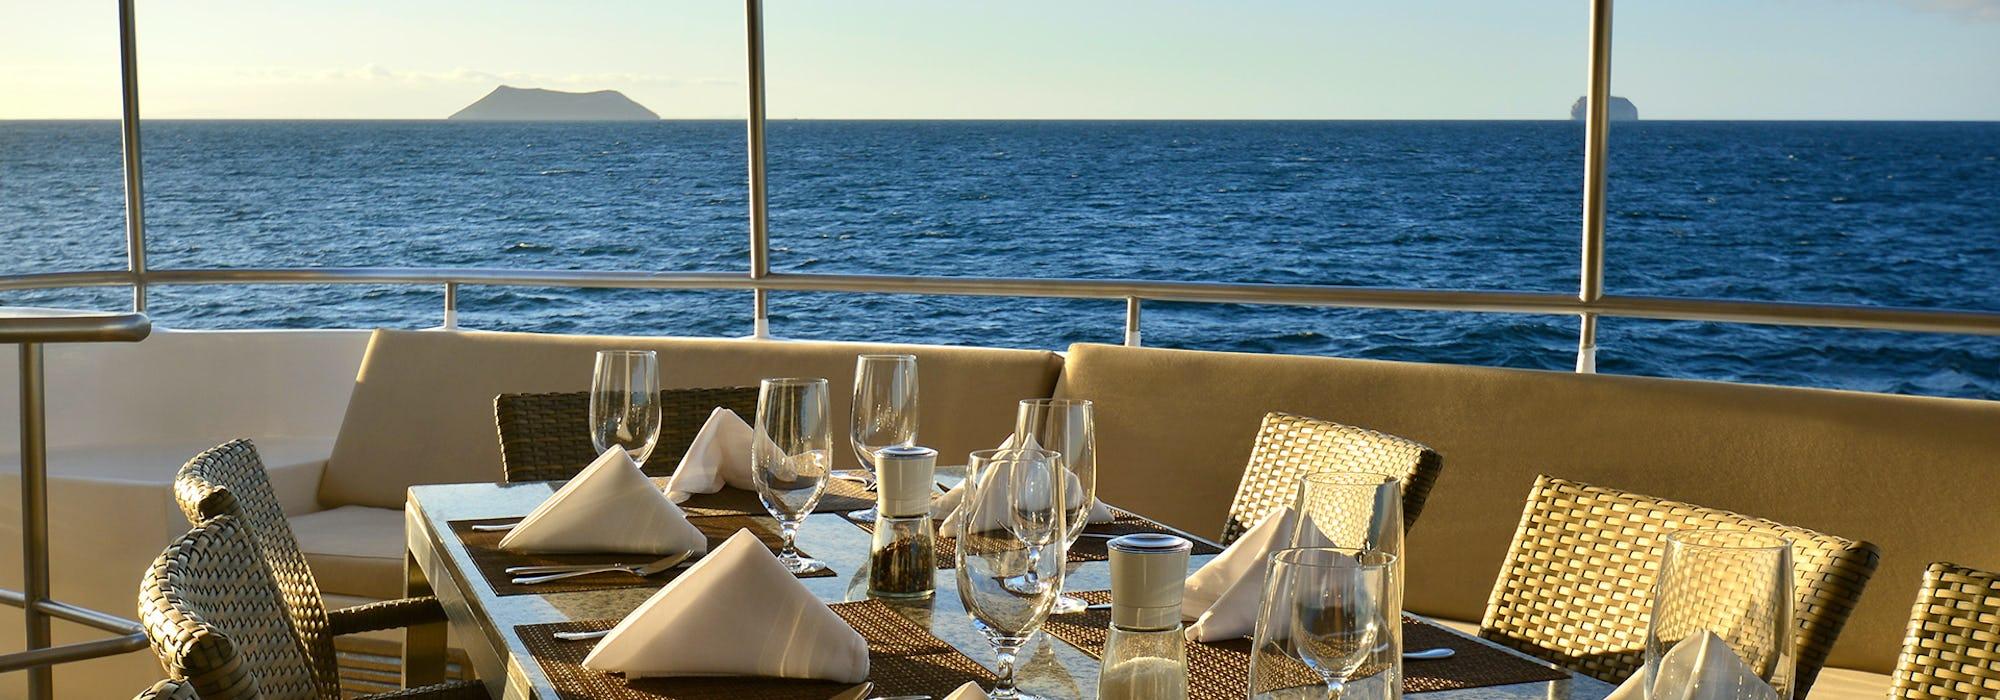 Bild på ett fint dukat bord ombord på Celebrity Xploration med det blåa havet i bakgrunden.